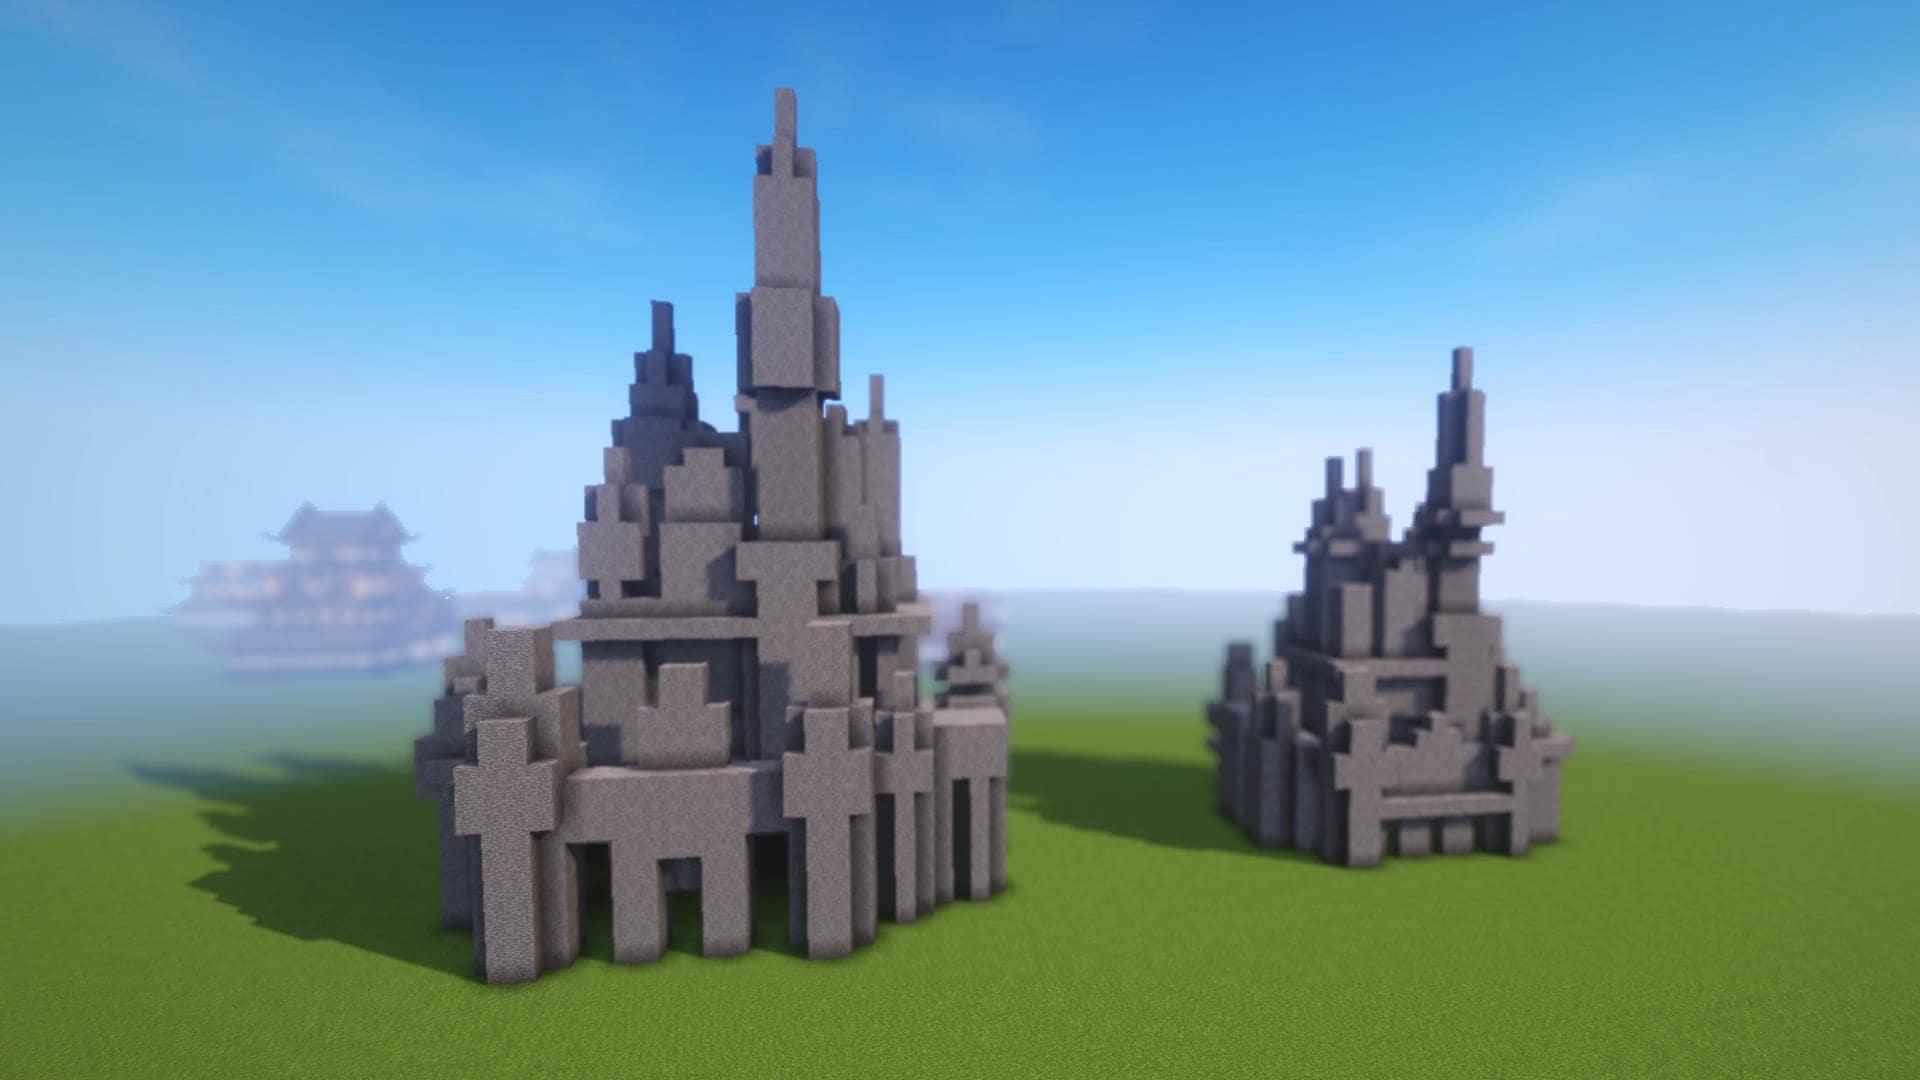 マインクラフト 洋風のお城の作り方1